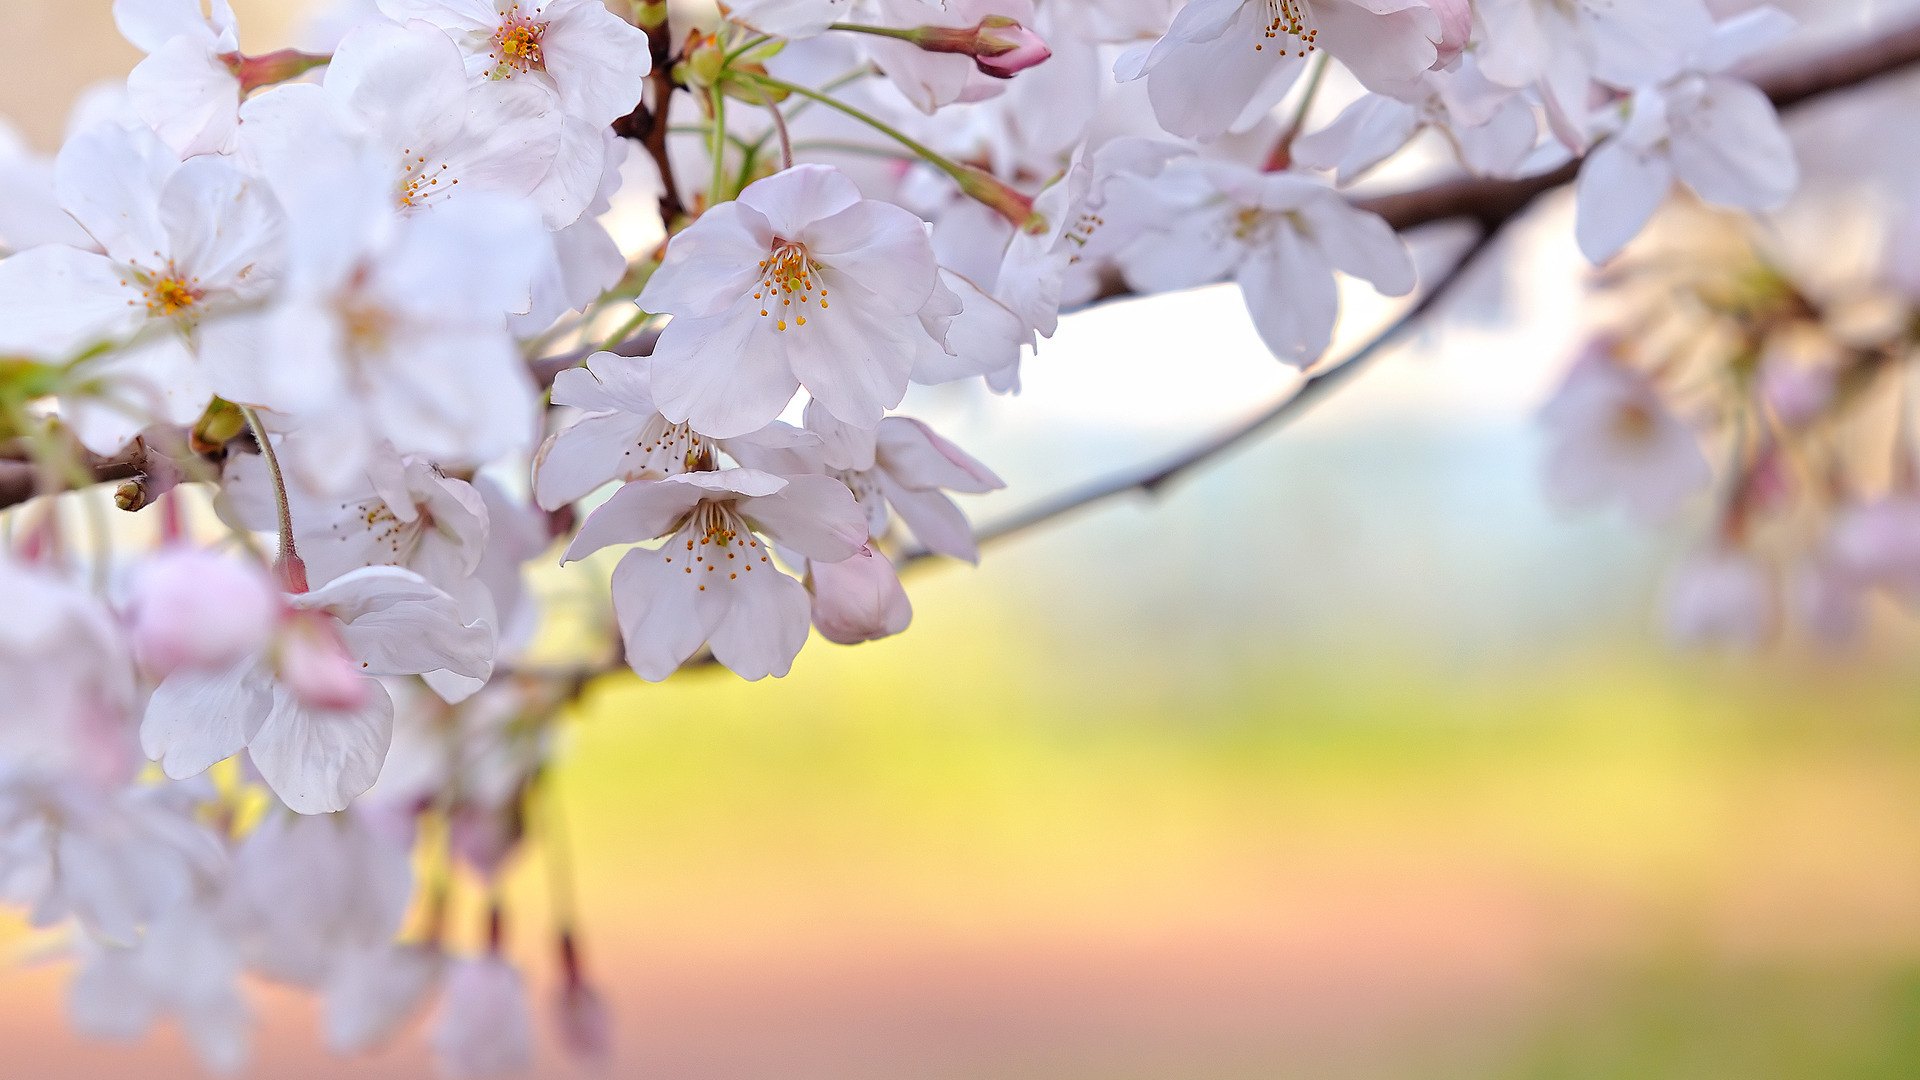 природа цветы белые ветка без регистрации